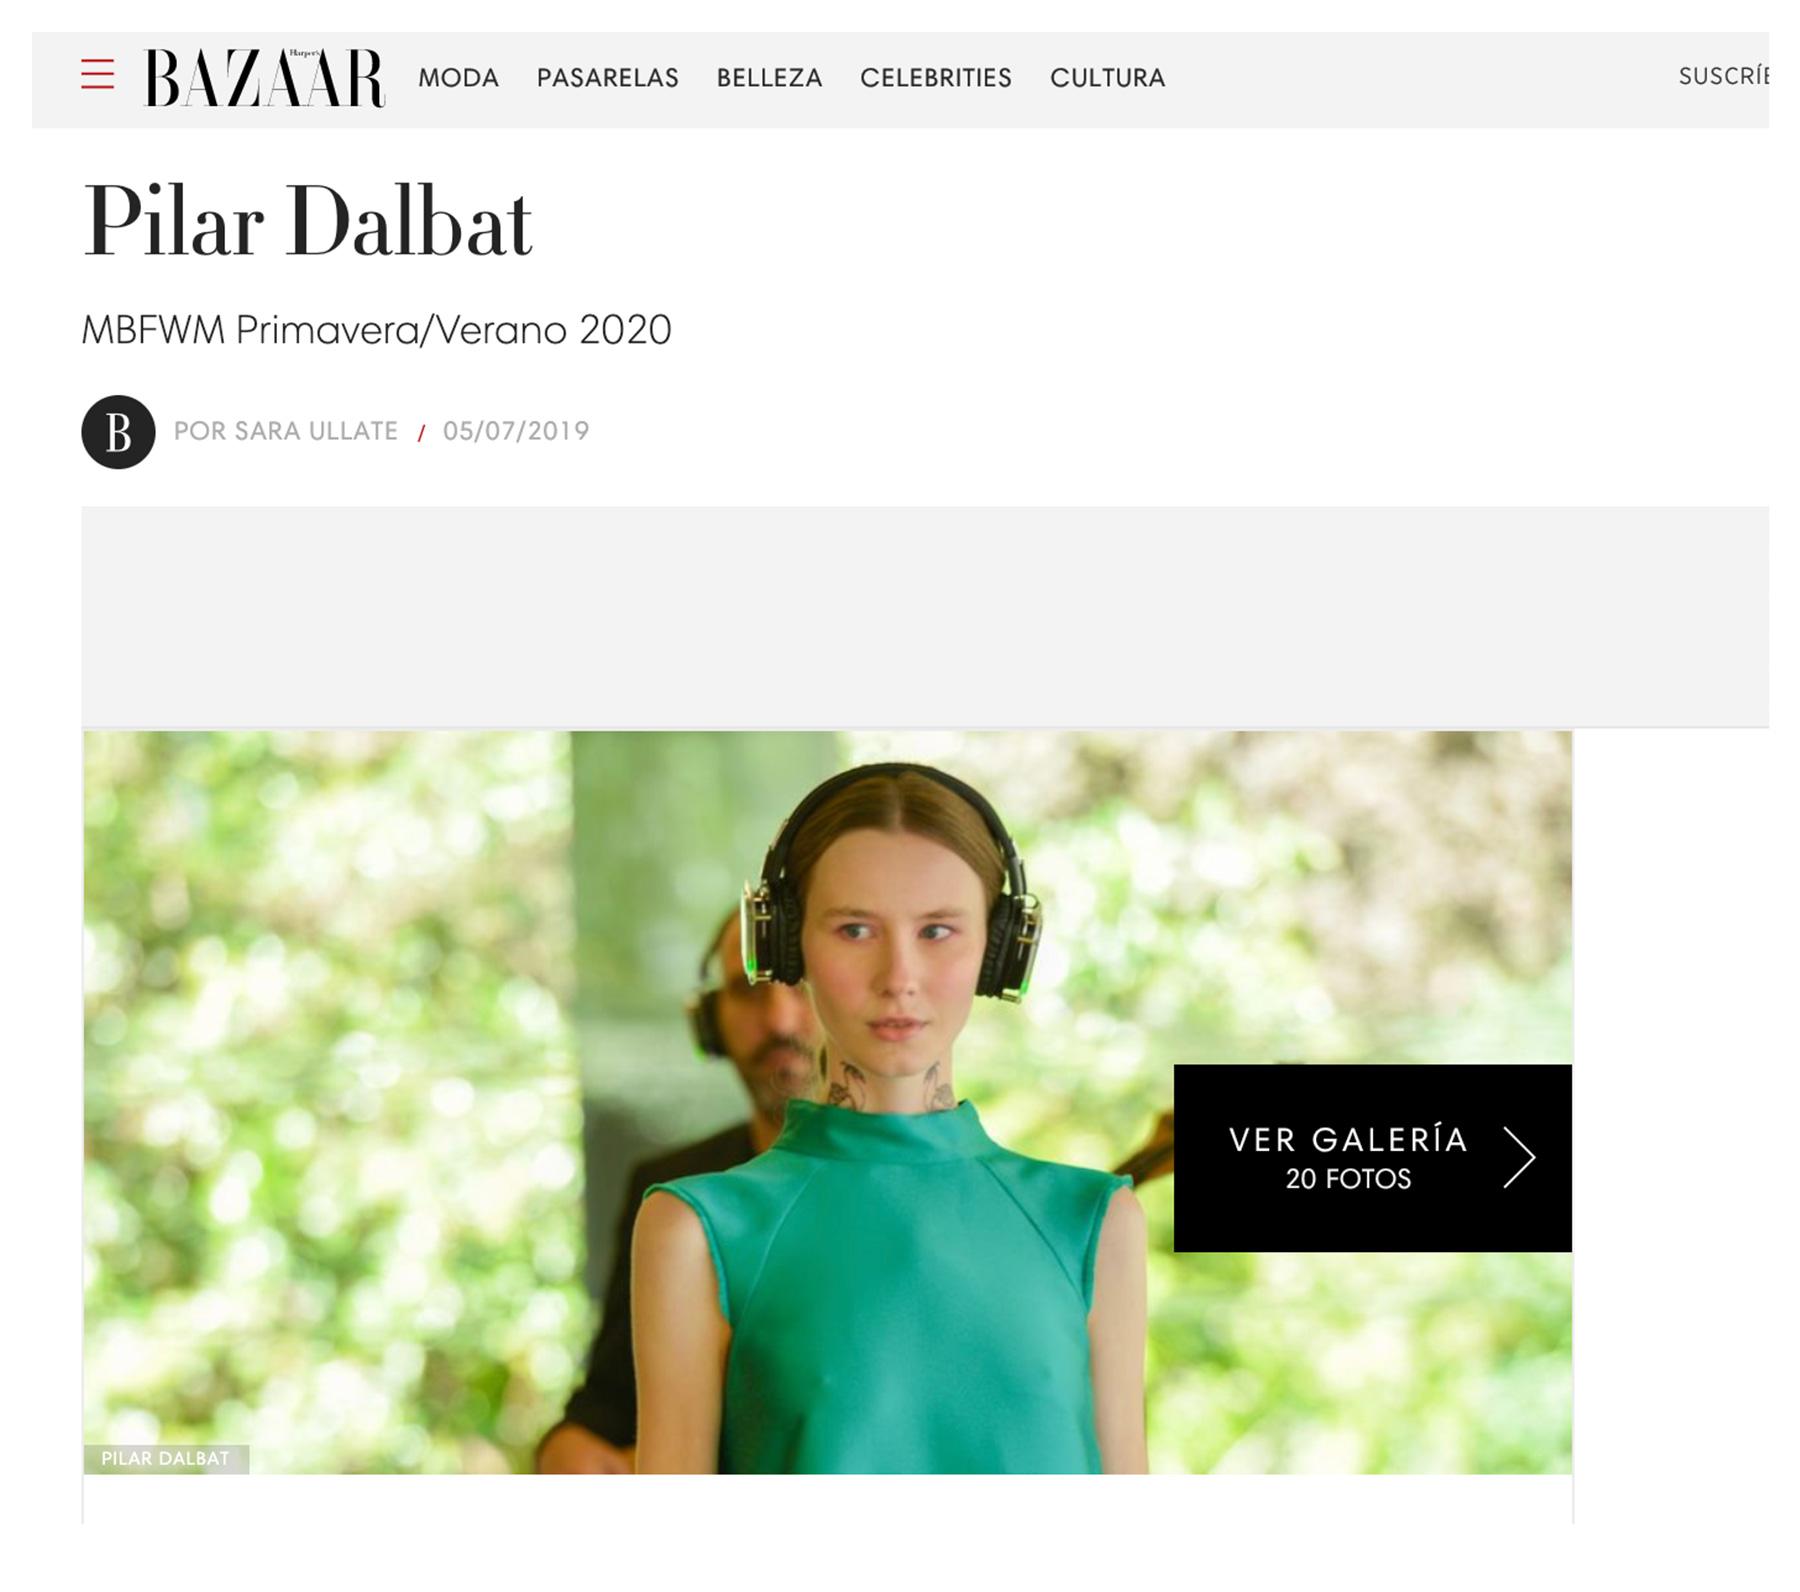 Pilar Dalbat - Harper's Bazaar